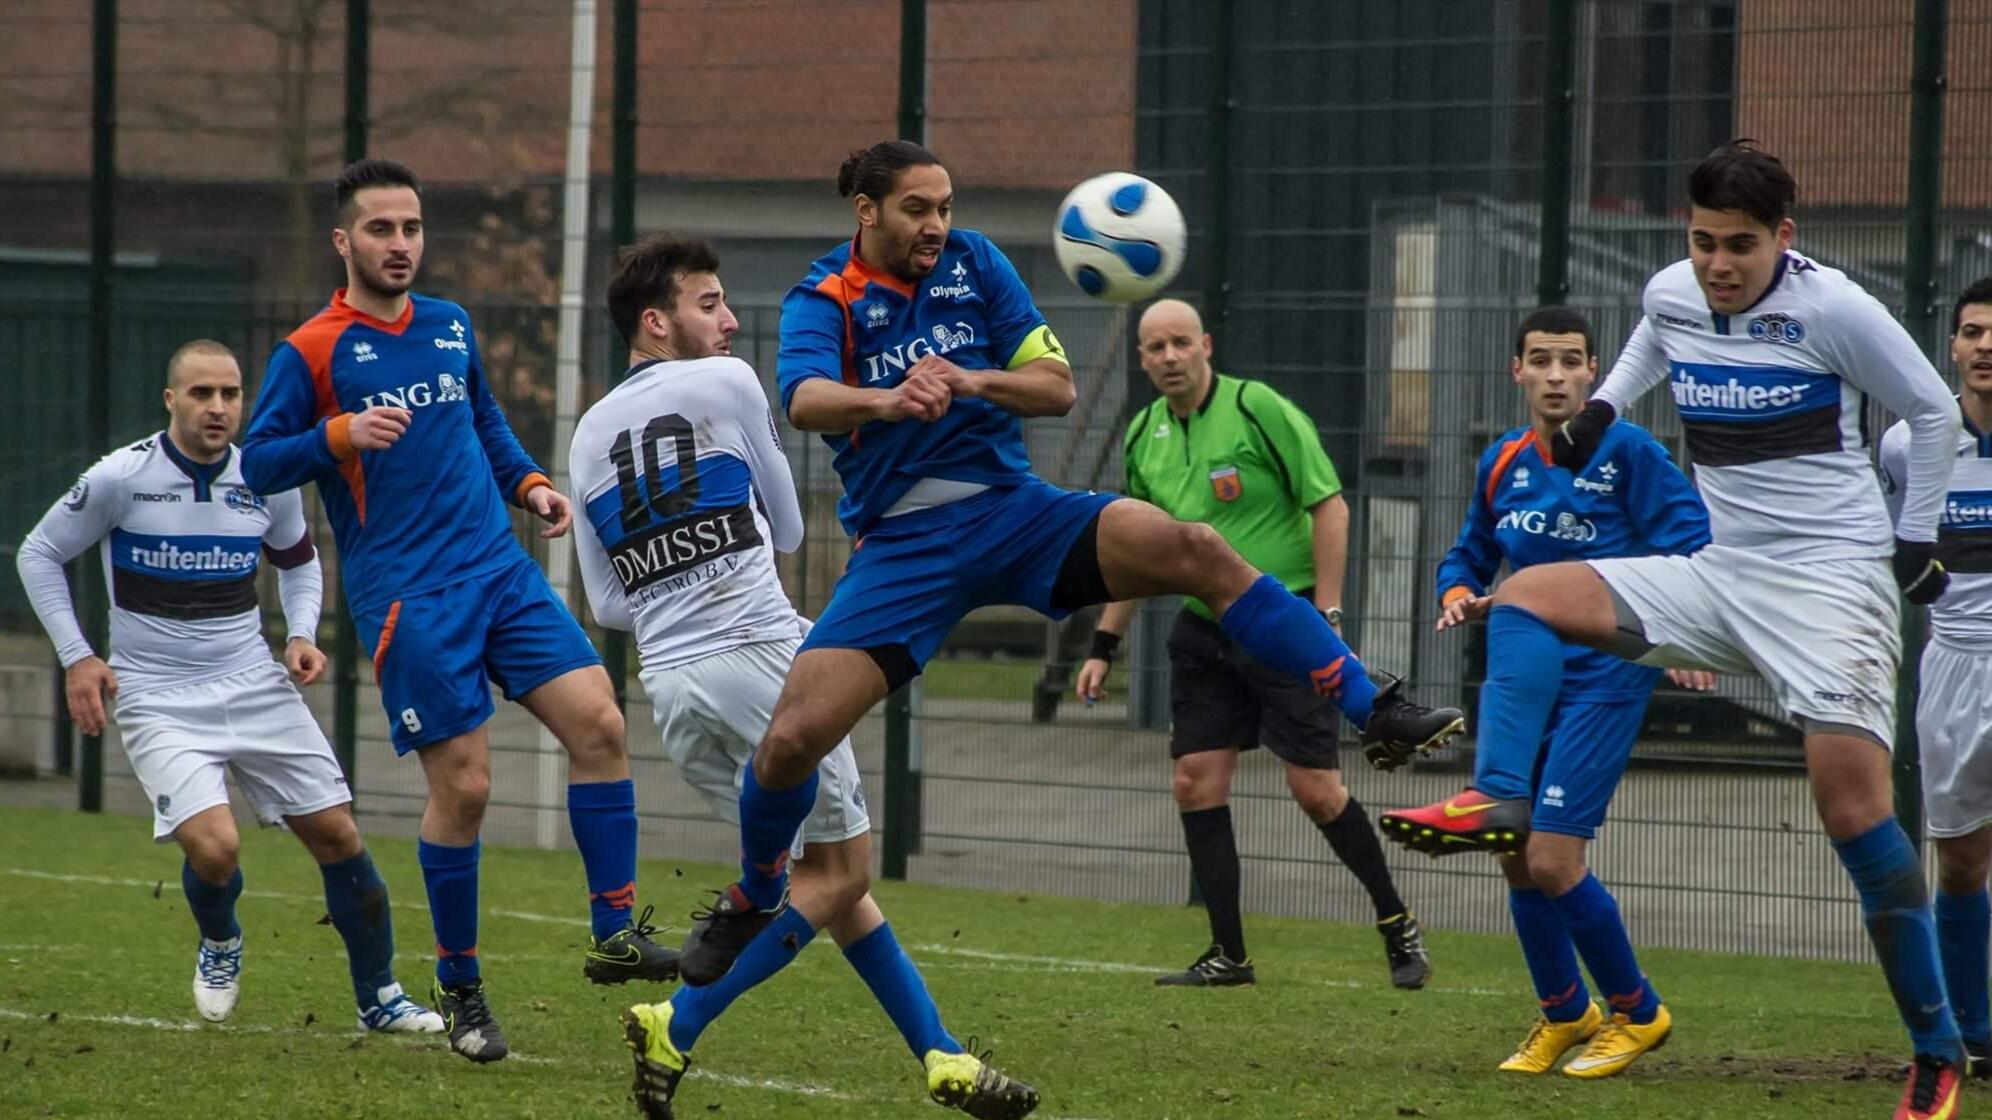 Olympia - DWS - Voetbal in Haarlem